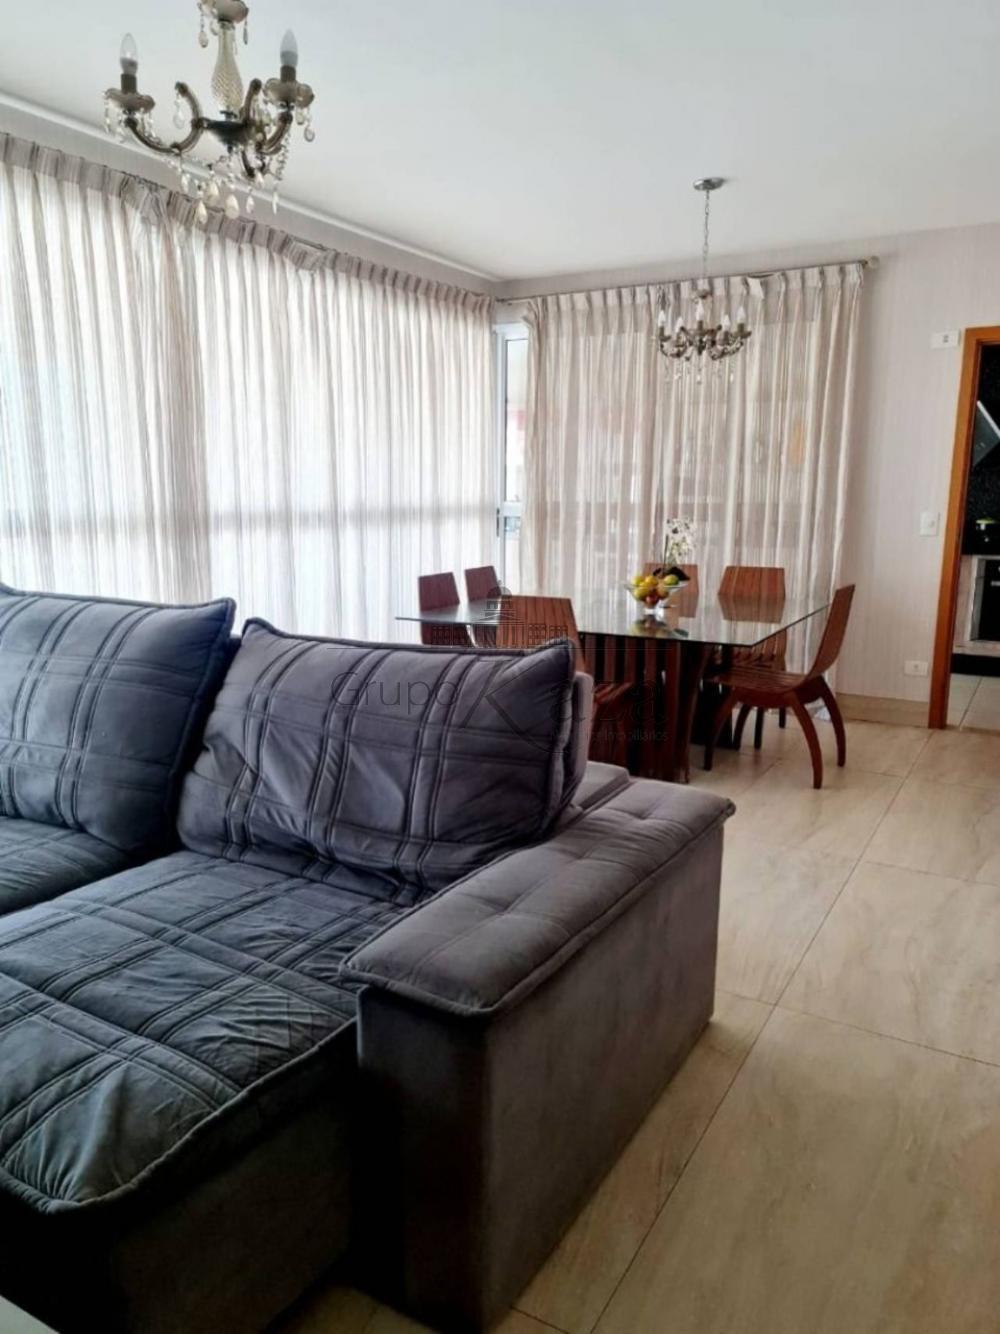 alt='Comprar Apartamento / Padrão em São José dos Campos R$ 1.600.000,00 - Foto 2' title='Comprar Apartamento / Padrão em São José dos Campos R$ 1.600.000,00 - Foto 2'